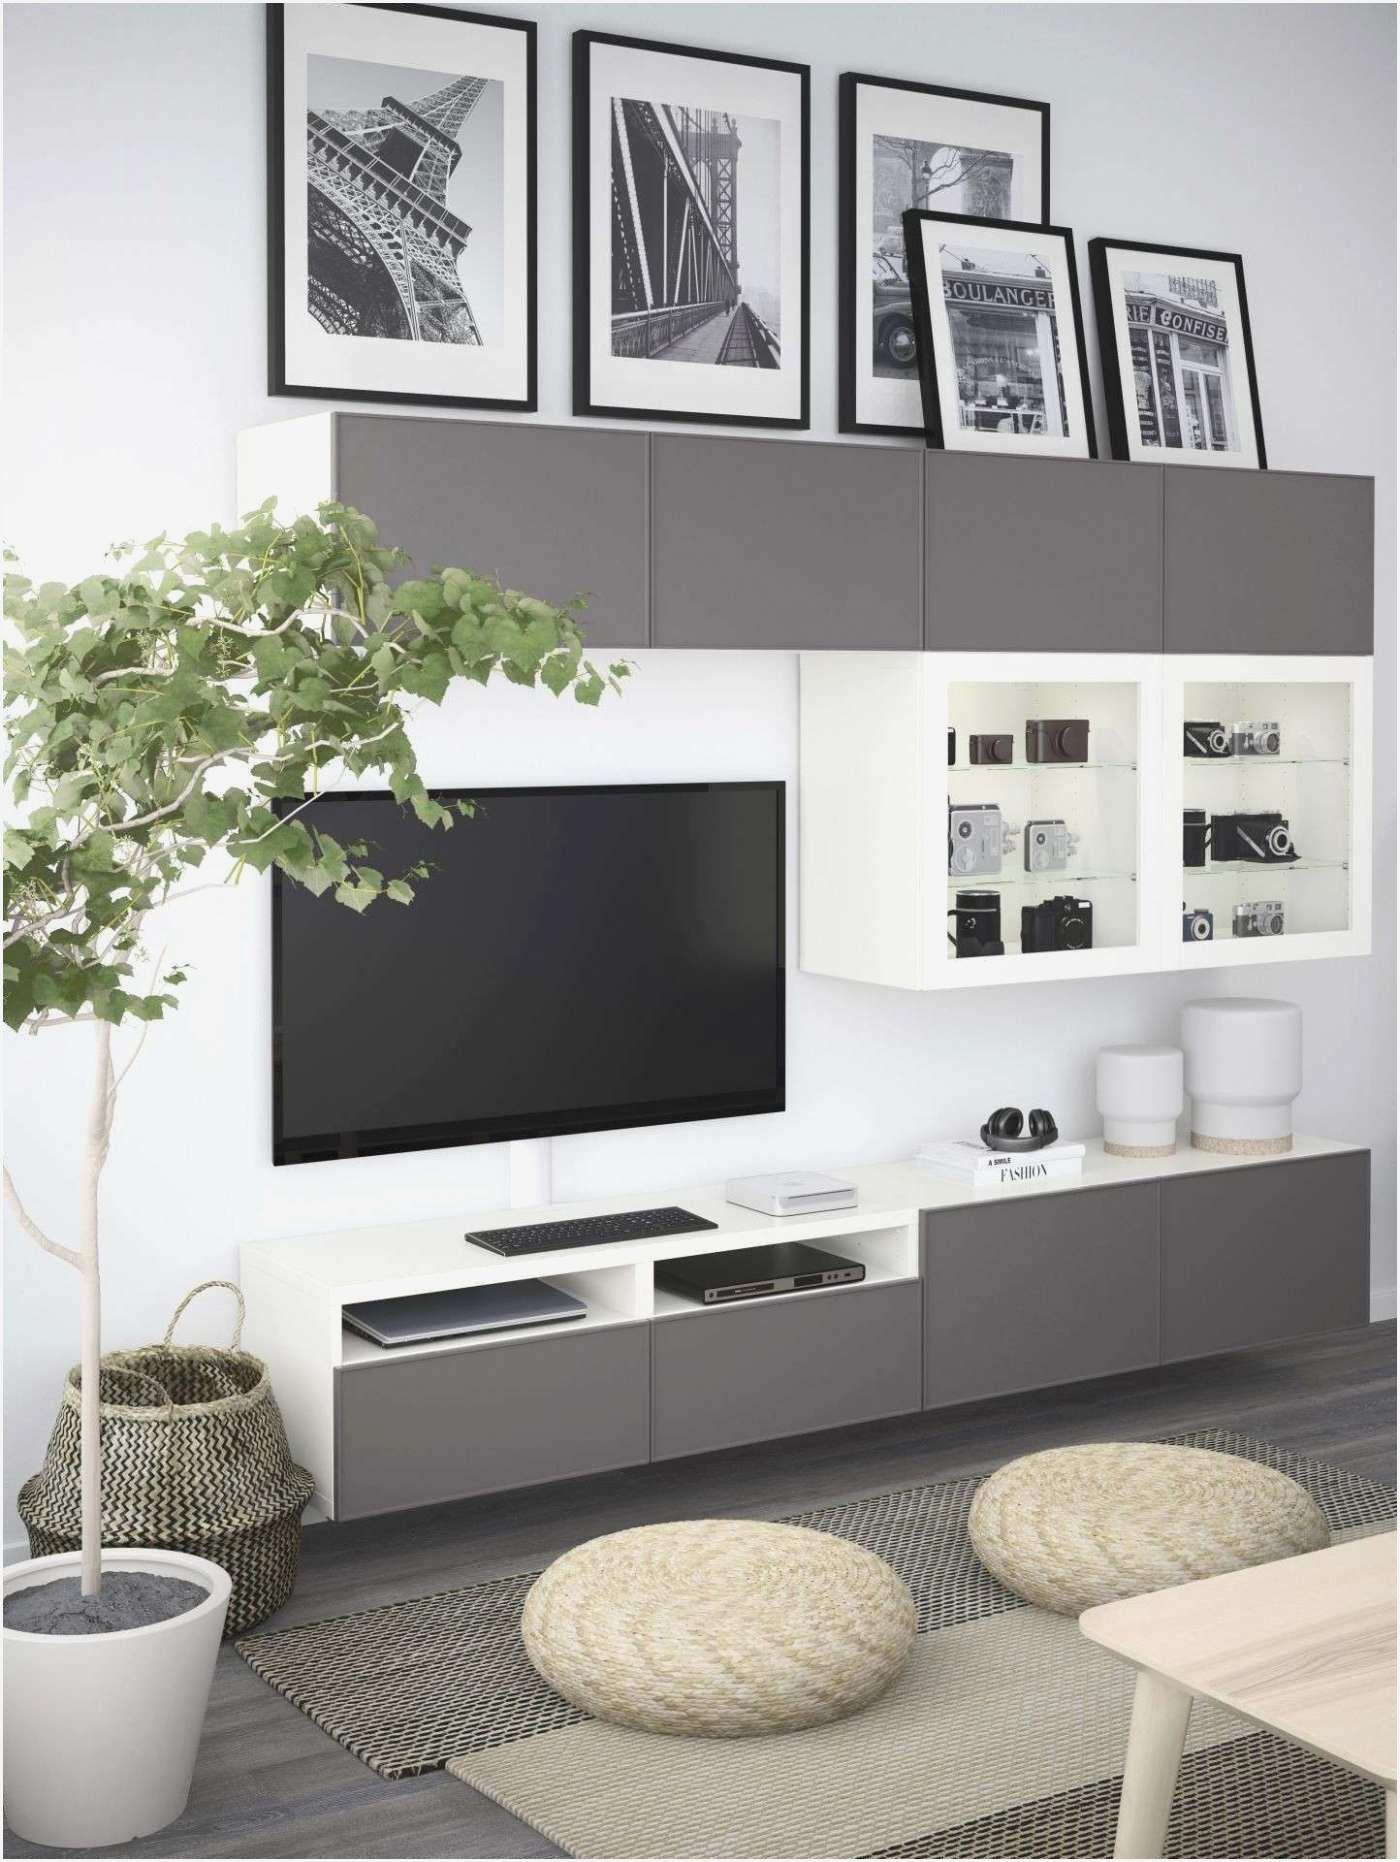 deko ideen deko wohnzimmer modern